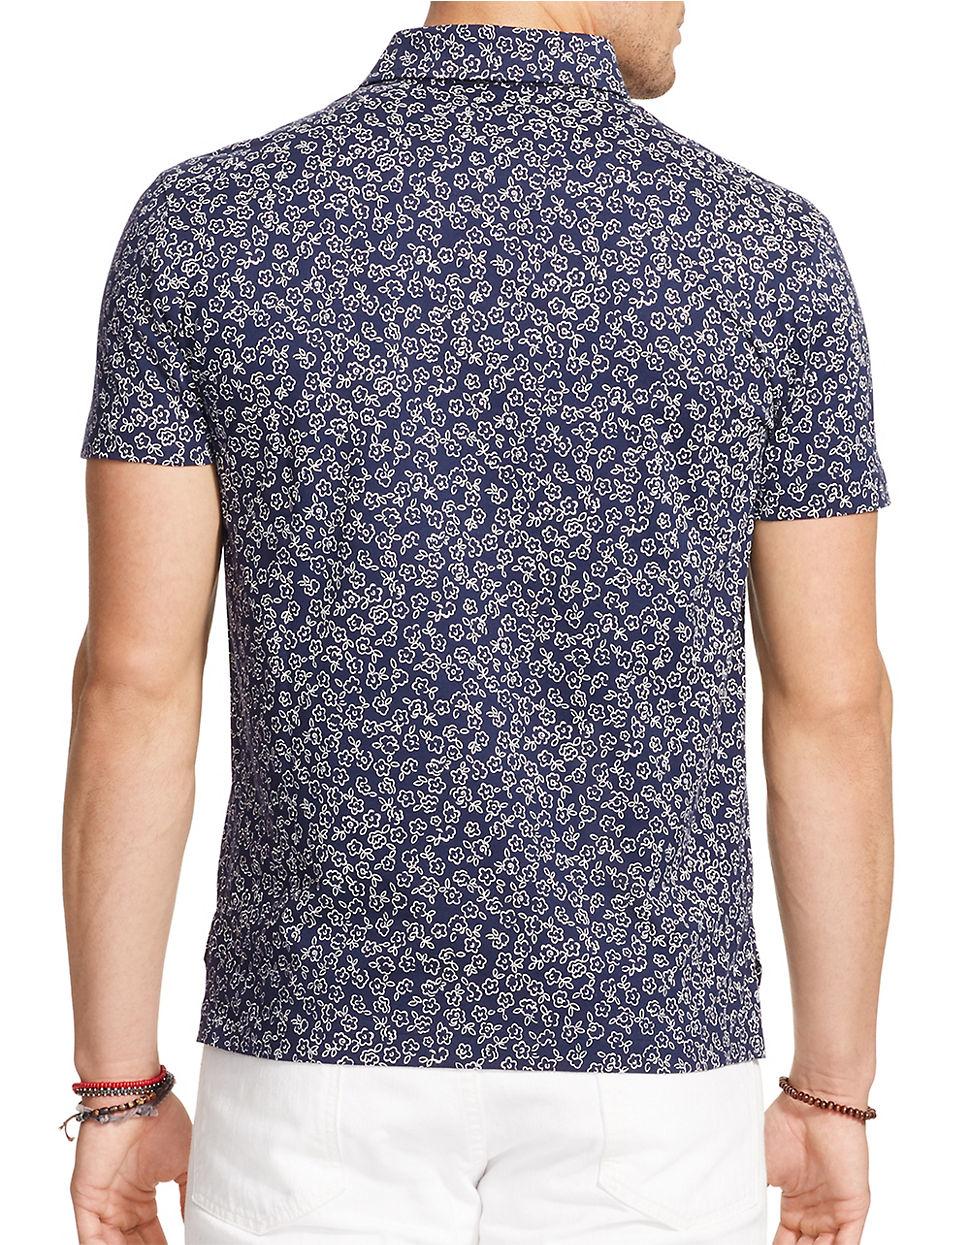 Polo ralph lauren floral jersey shirt in blue for men lyst for Ralph lauren polo jersey shirt